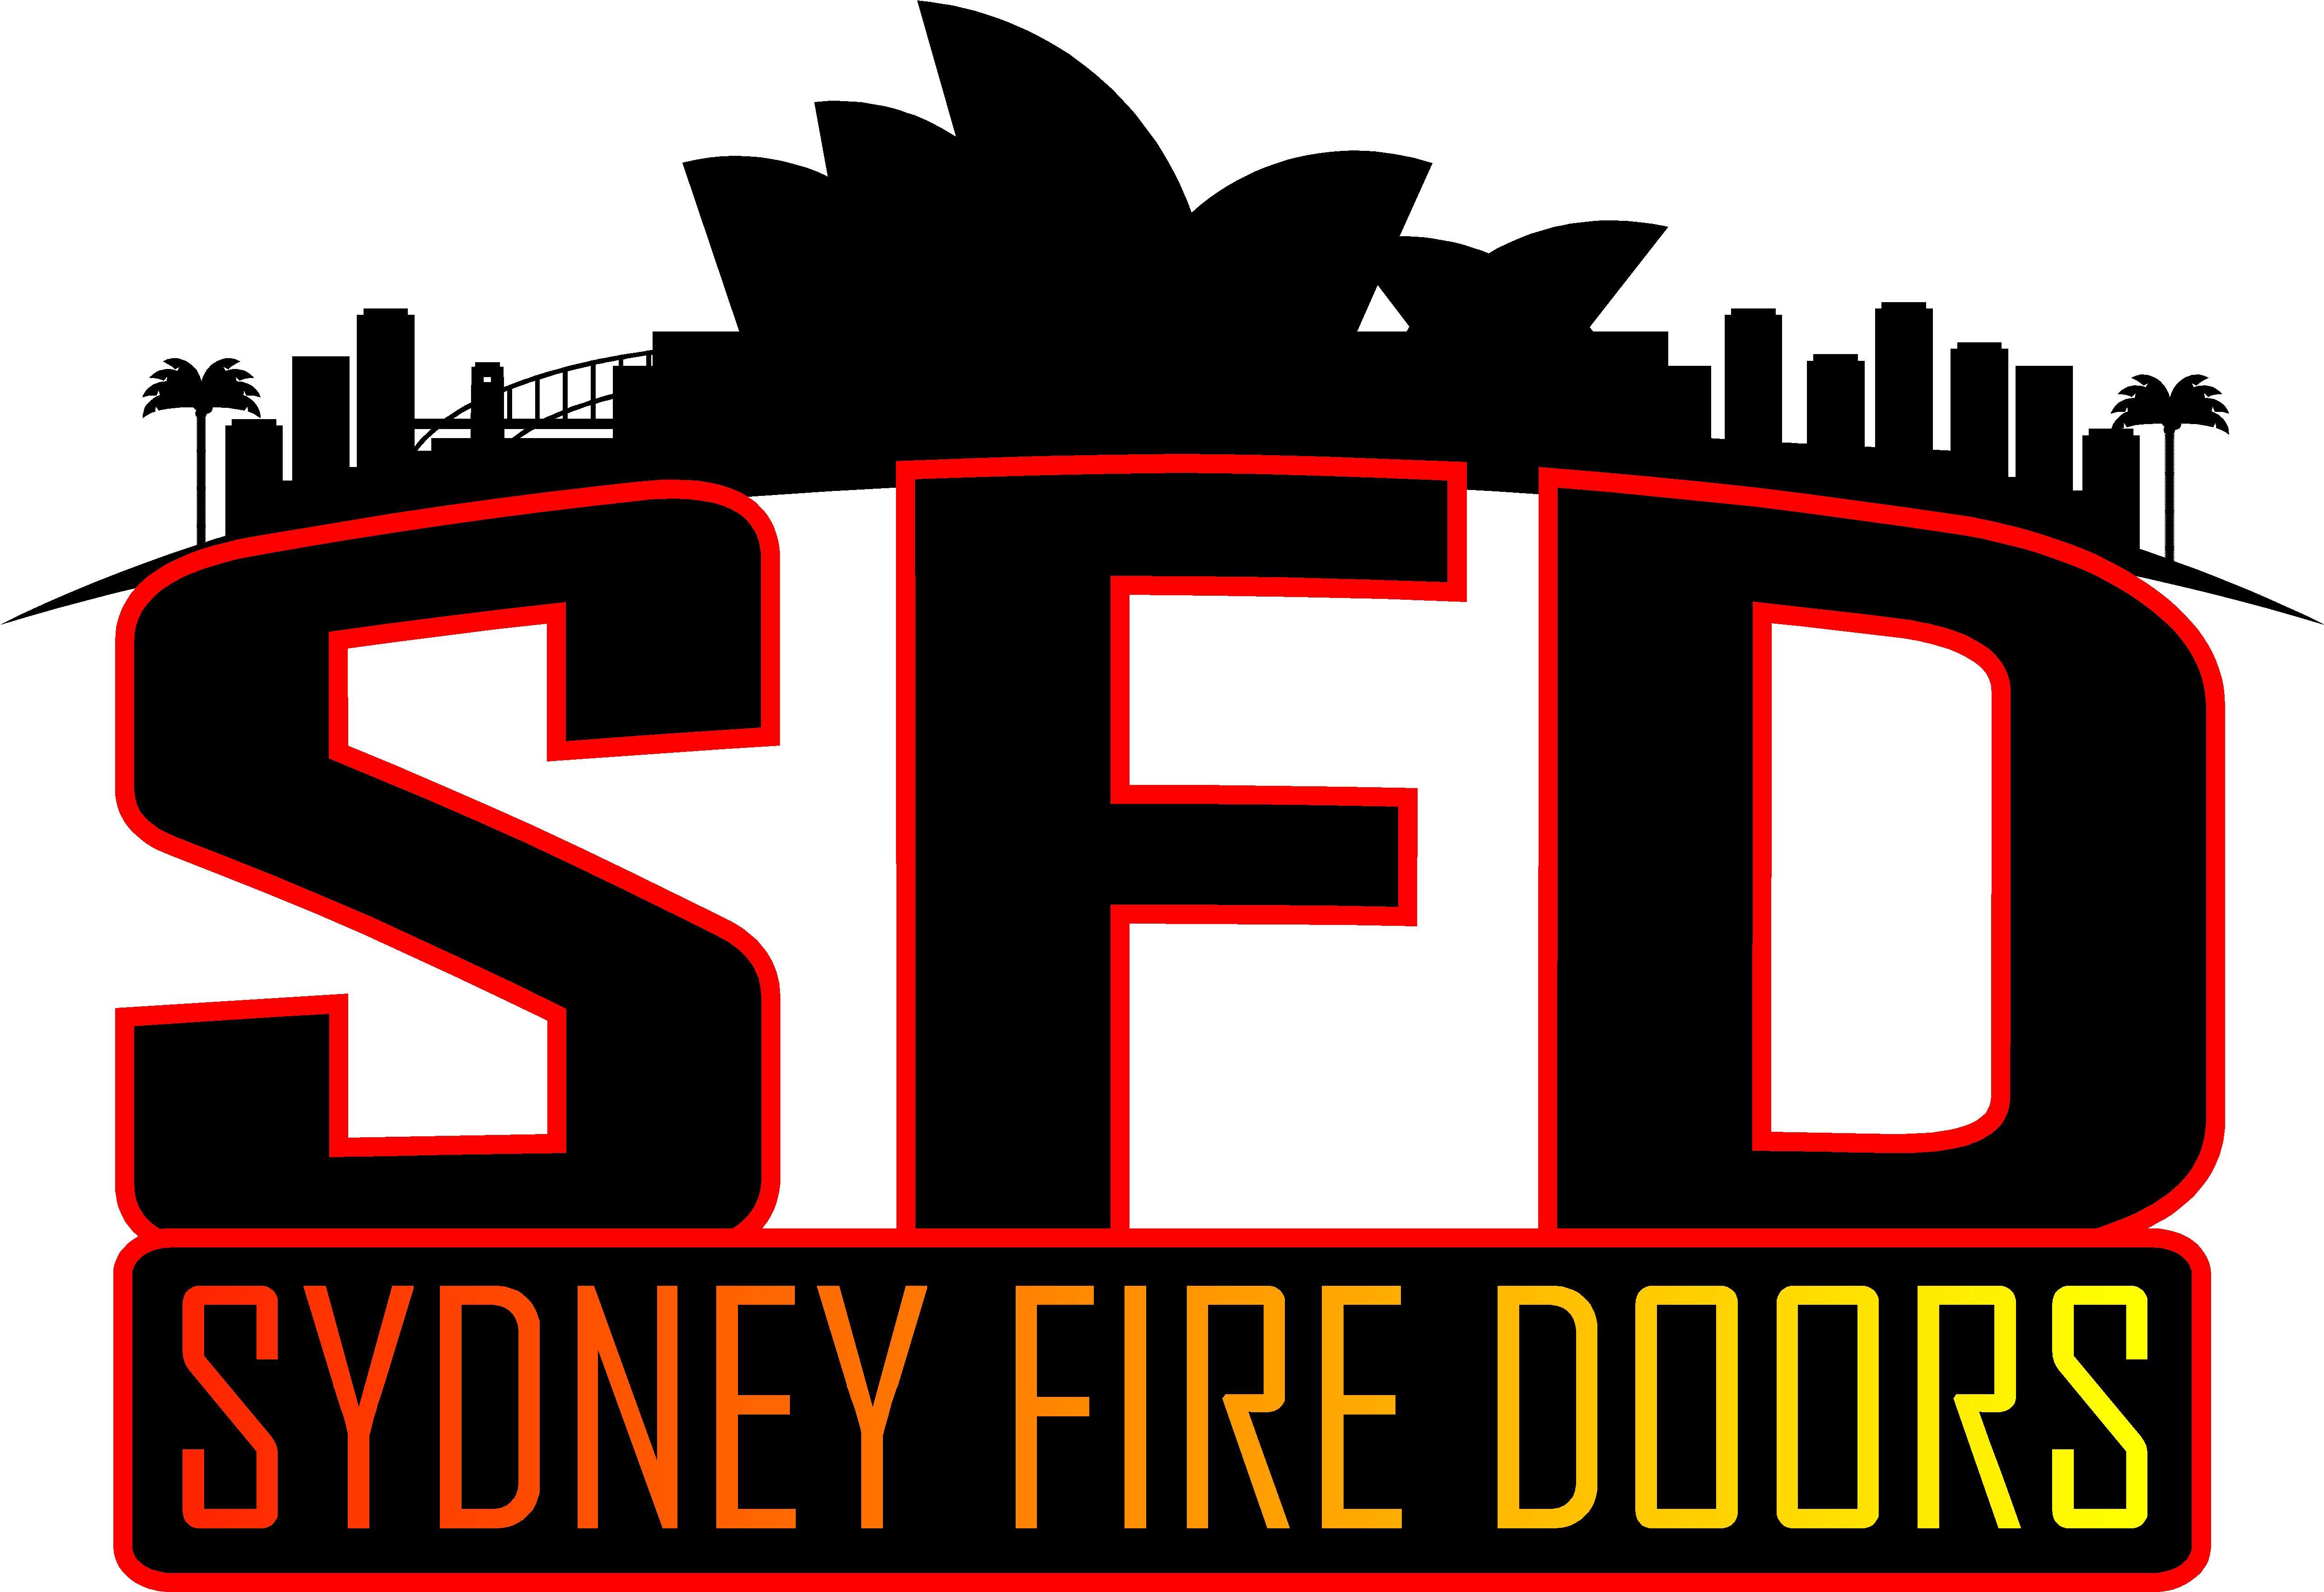 SYDNEY FIRE DOORS